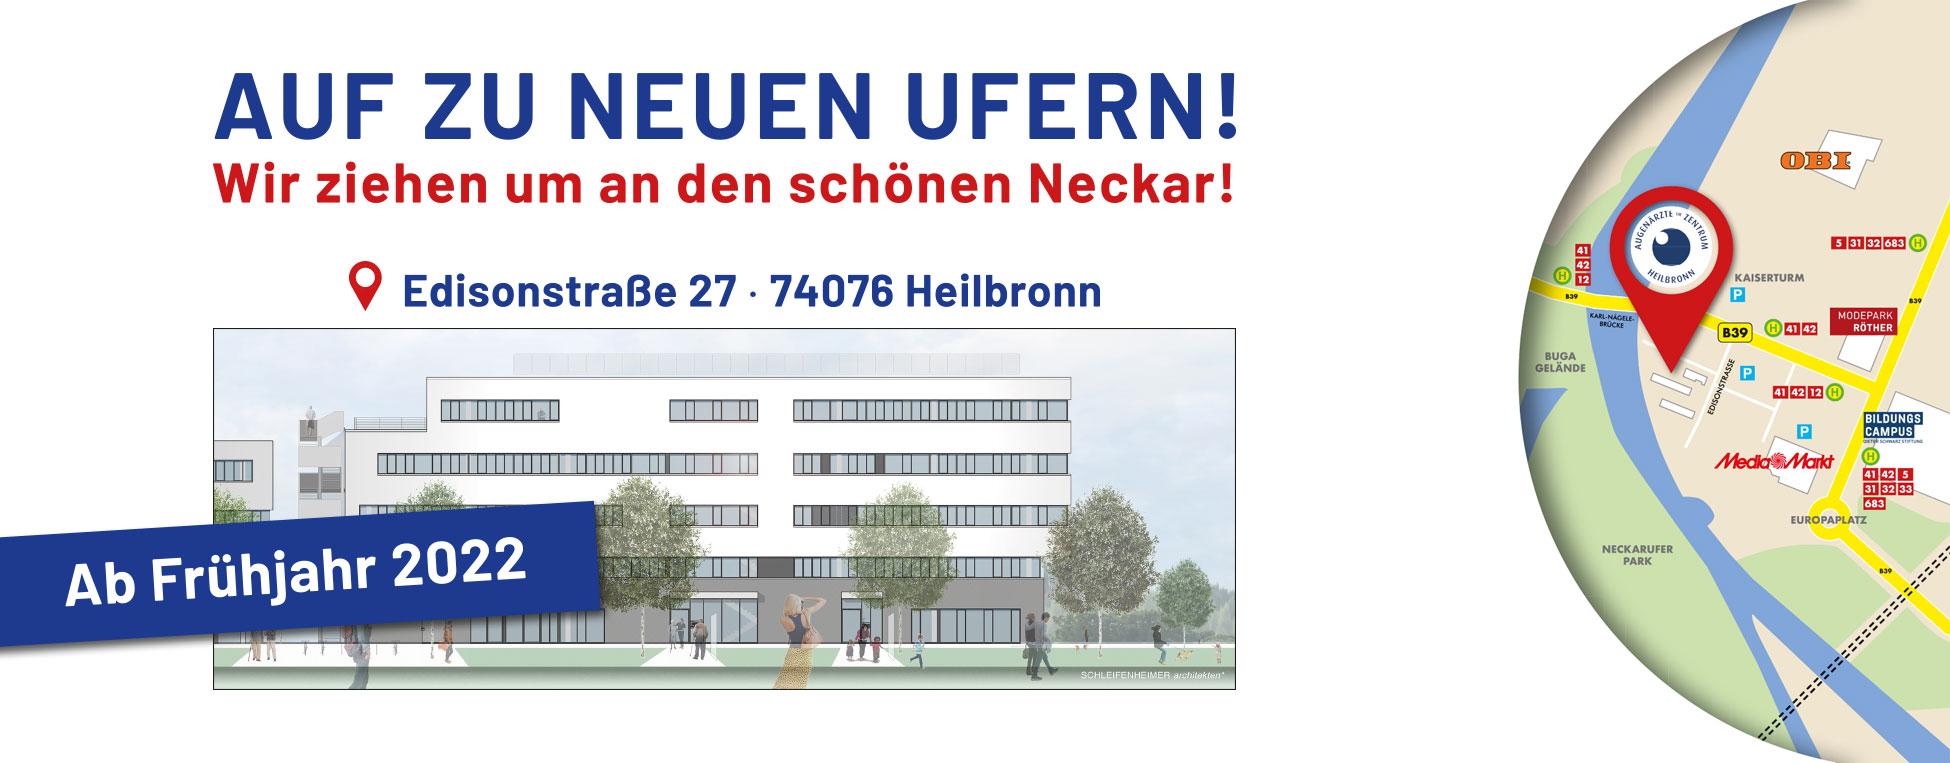 Augenärzte im Zentrum Heilbronn - Unsere neue Praxis